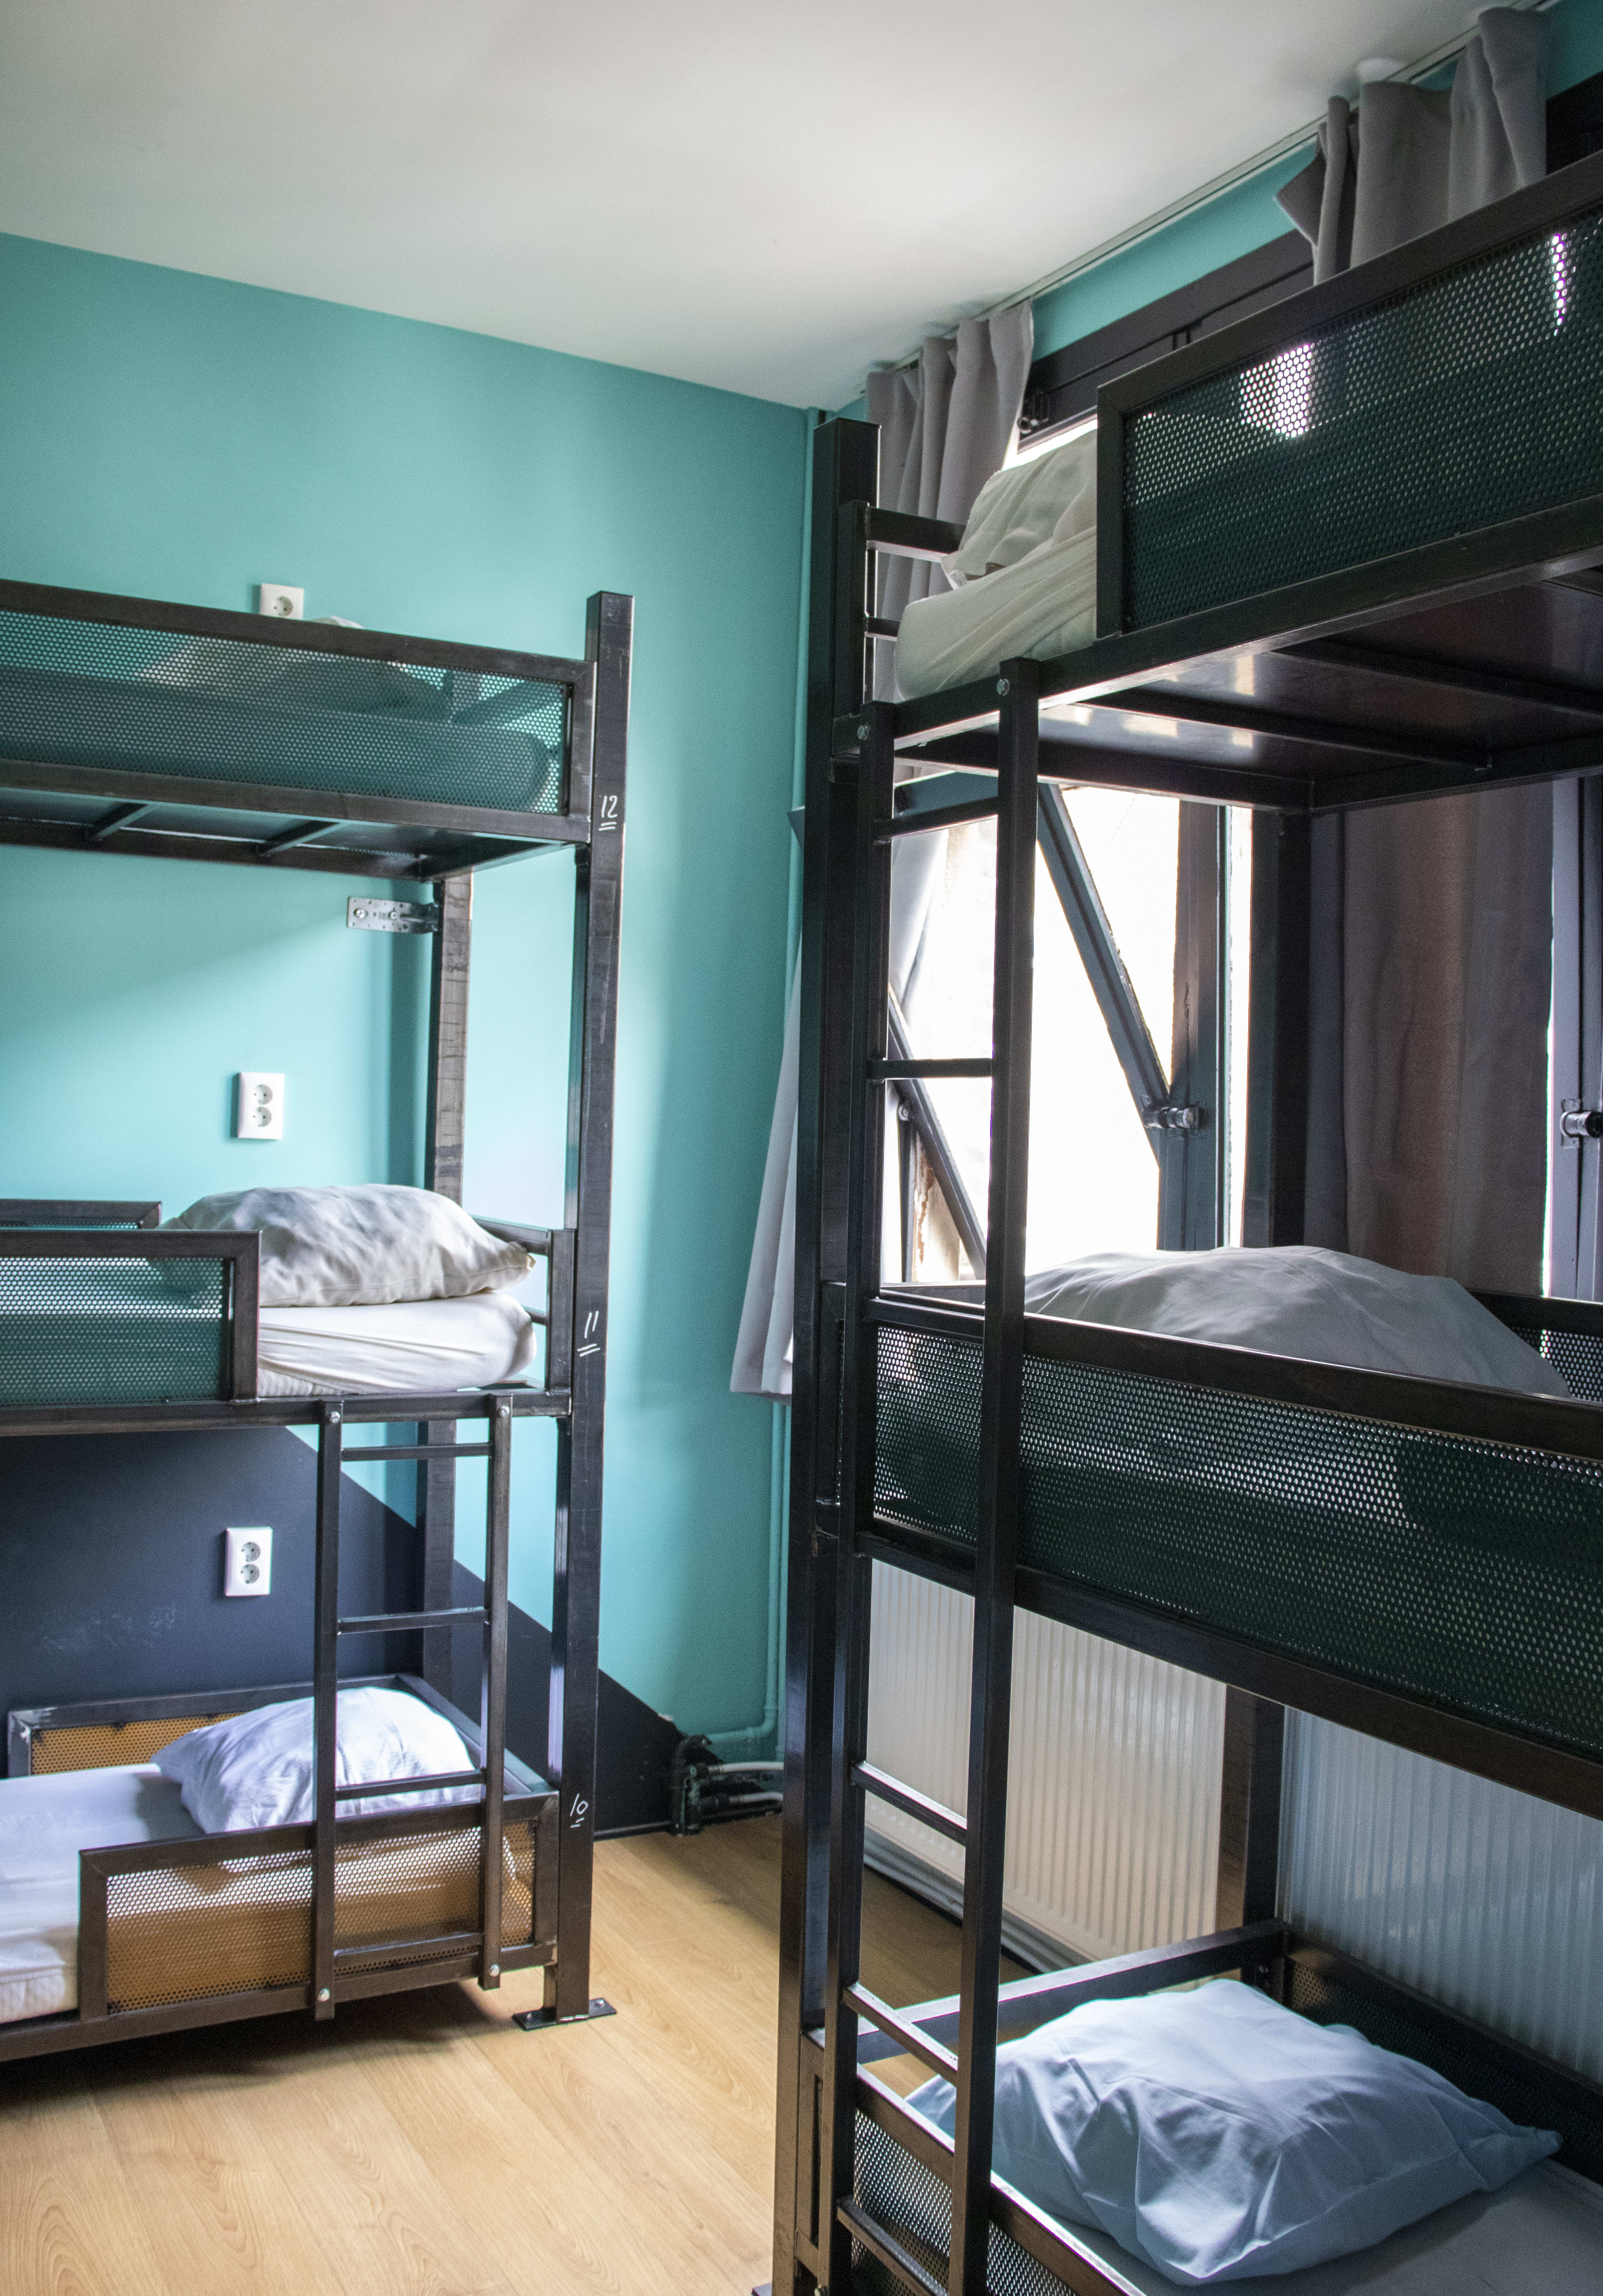 Amsterdam Hostel Leidseplein